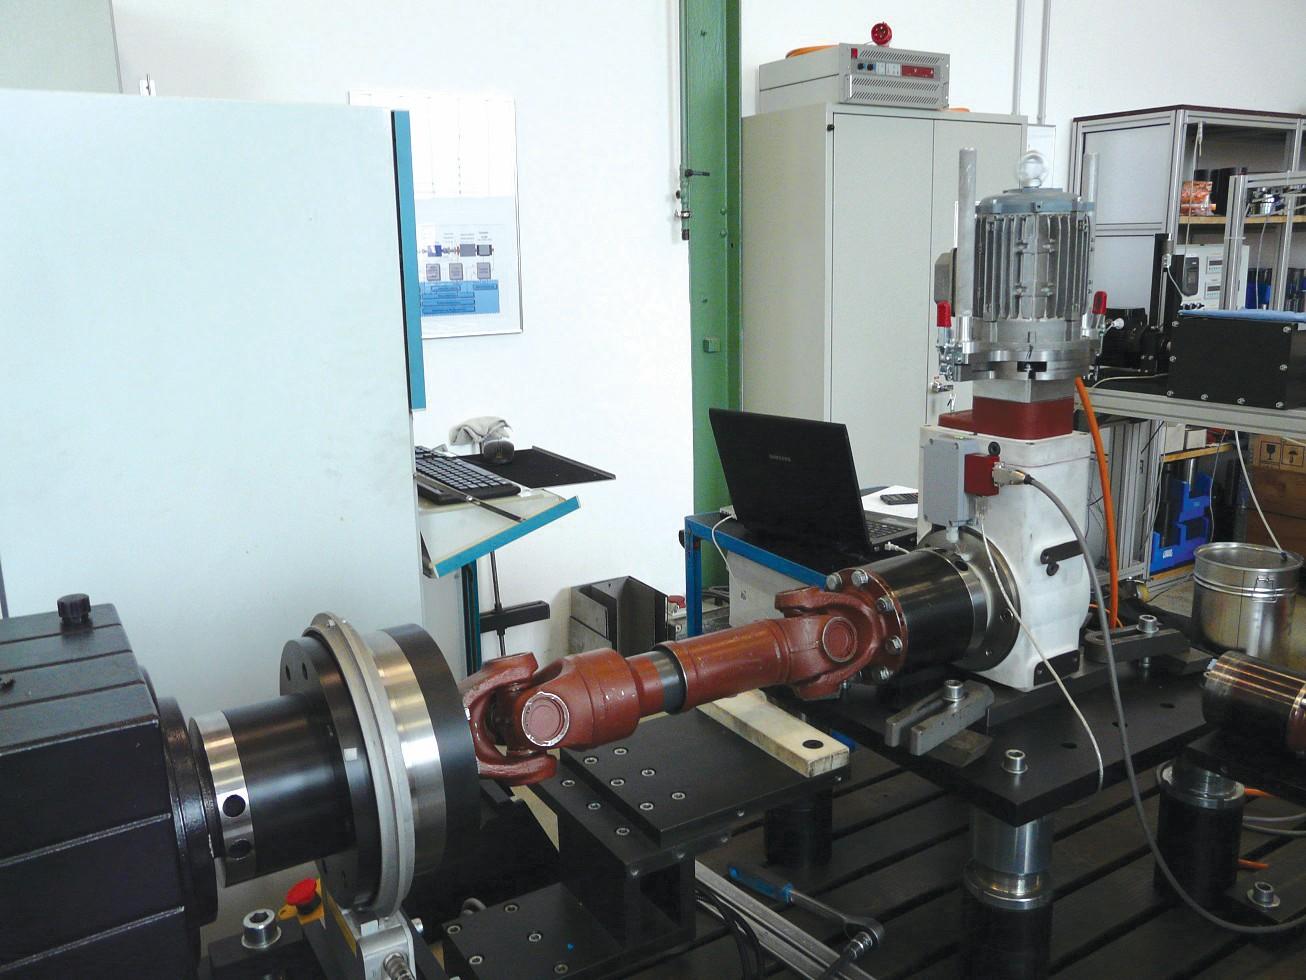 Bild 6 Überprüfung eines Q-Torque-Messsystems auf einem ZAE-Getriebeprüfstand. Bild: ZAE